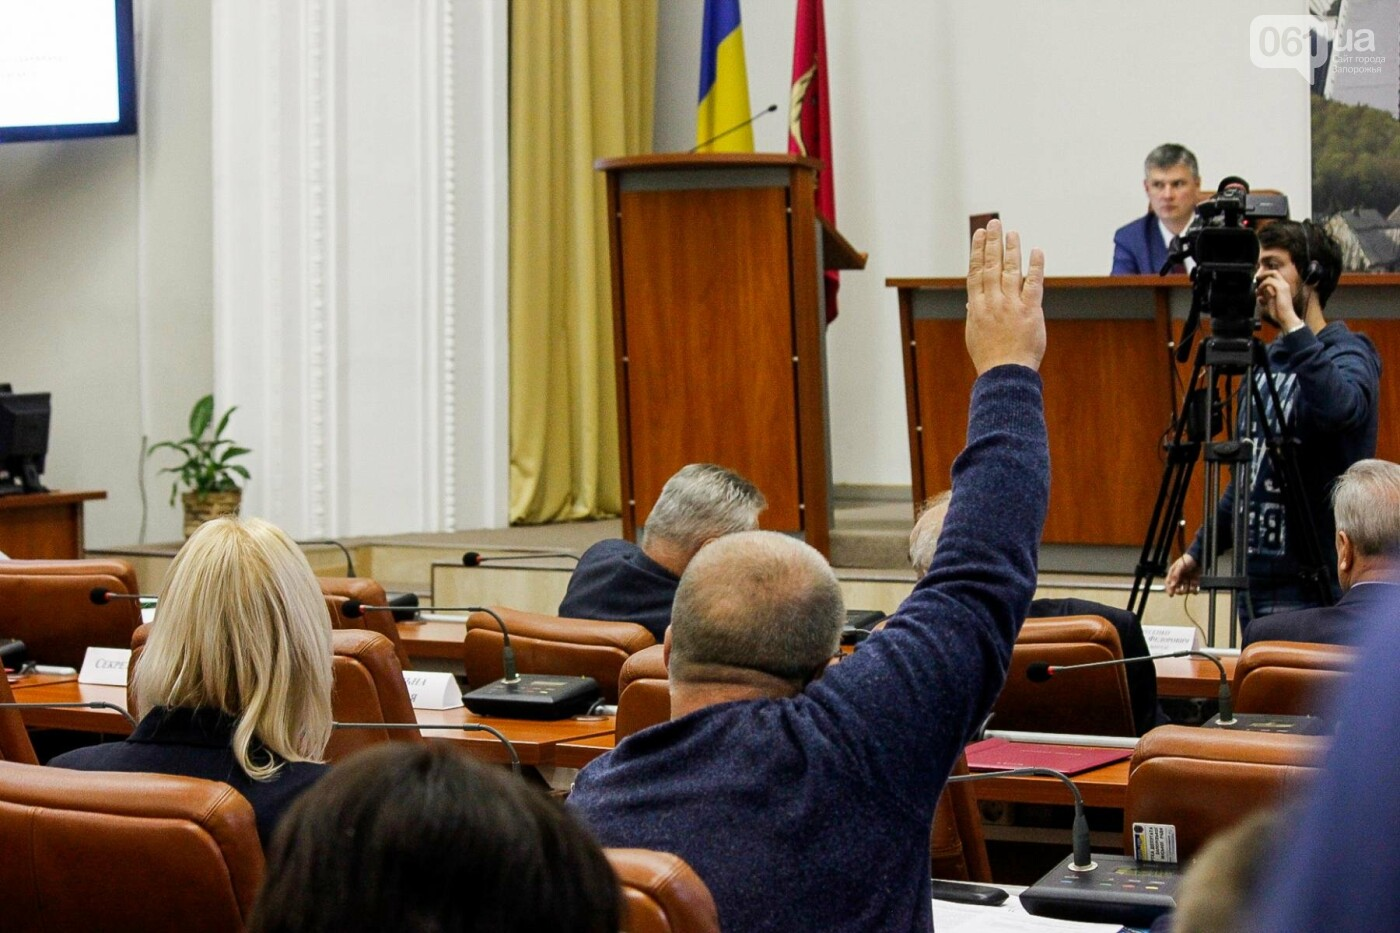 Сессия запорожского горсовета в 55 фотографиях, - ФОТОРЕПОРТАЖ, фото-13